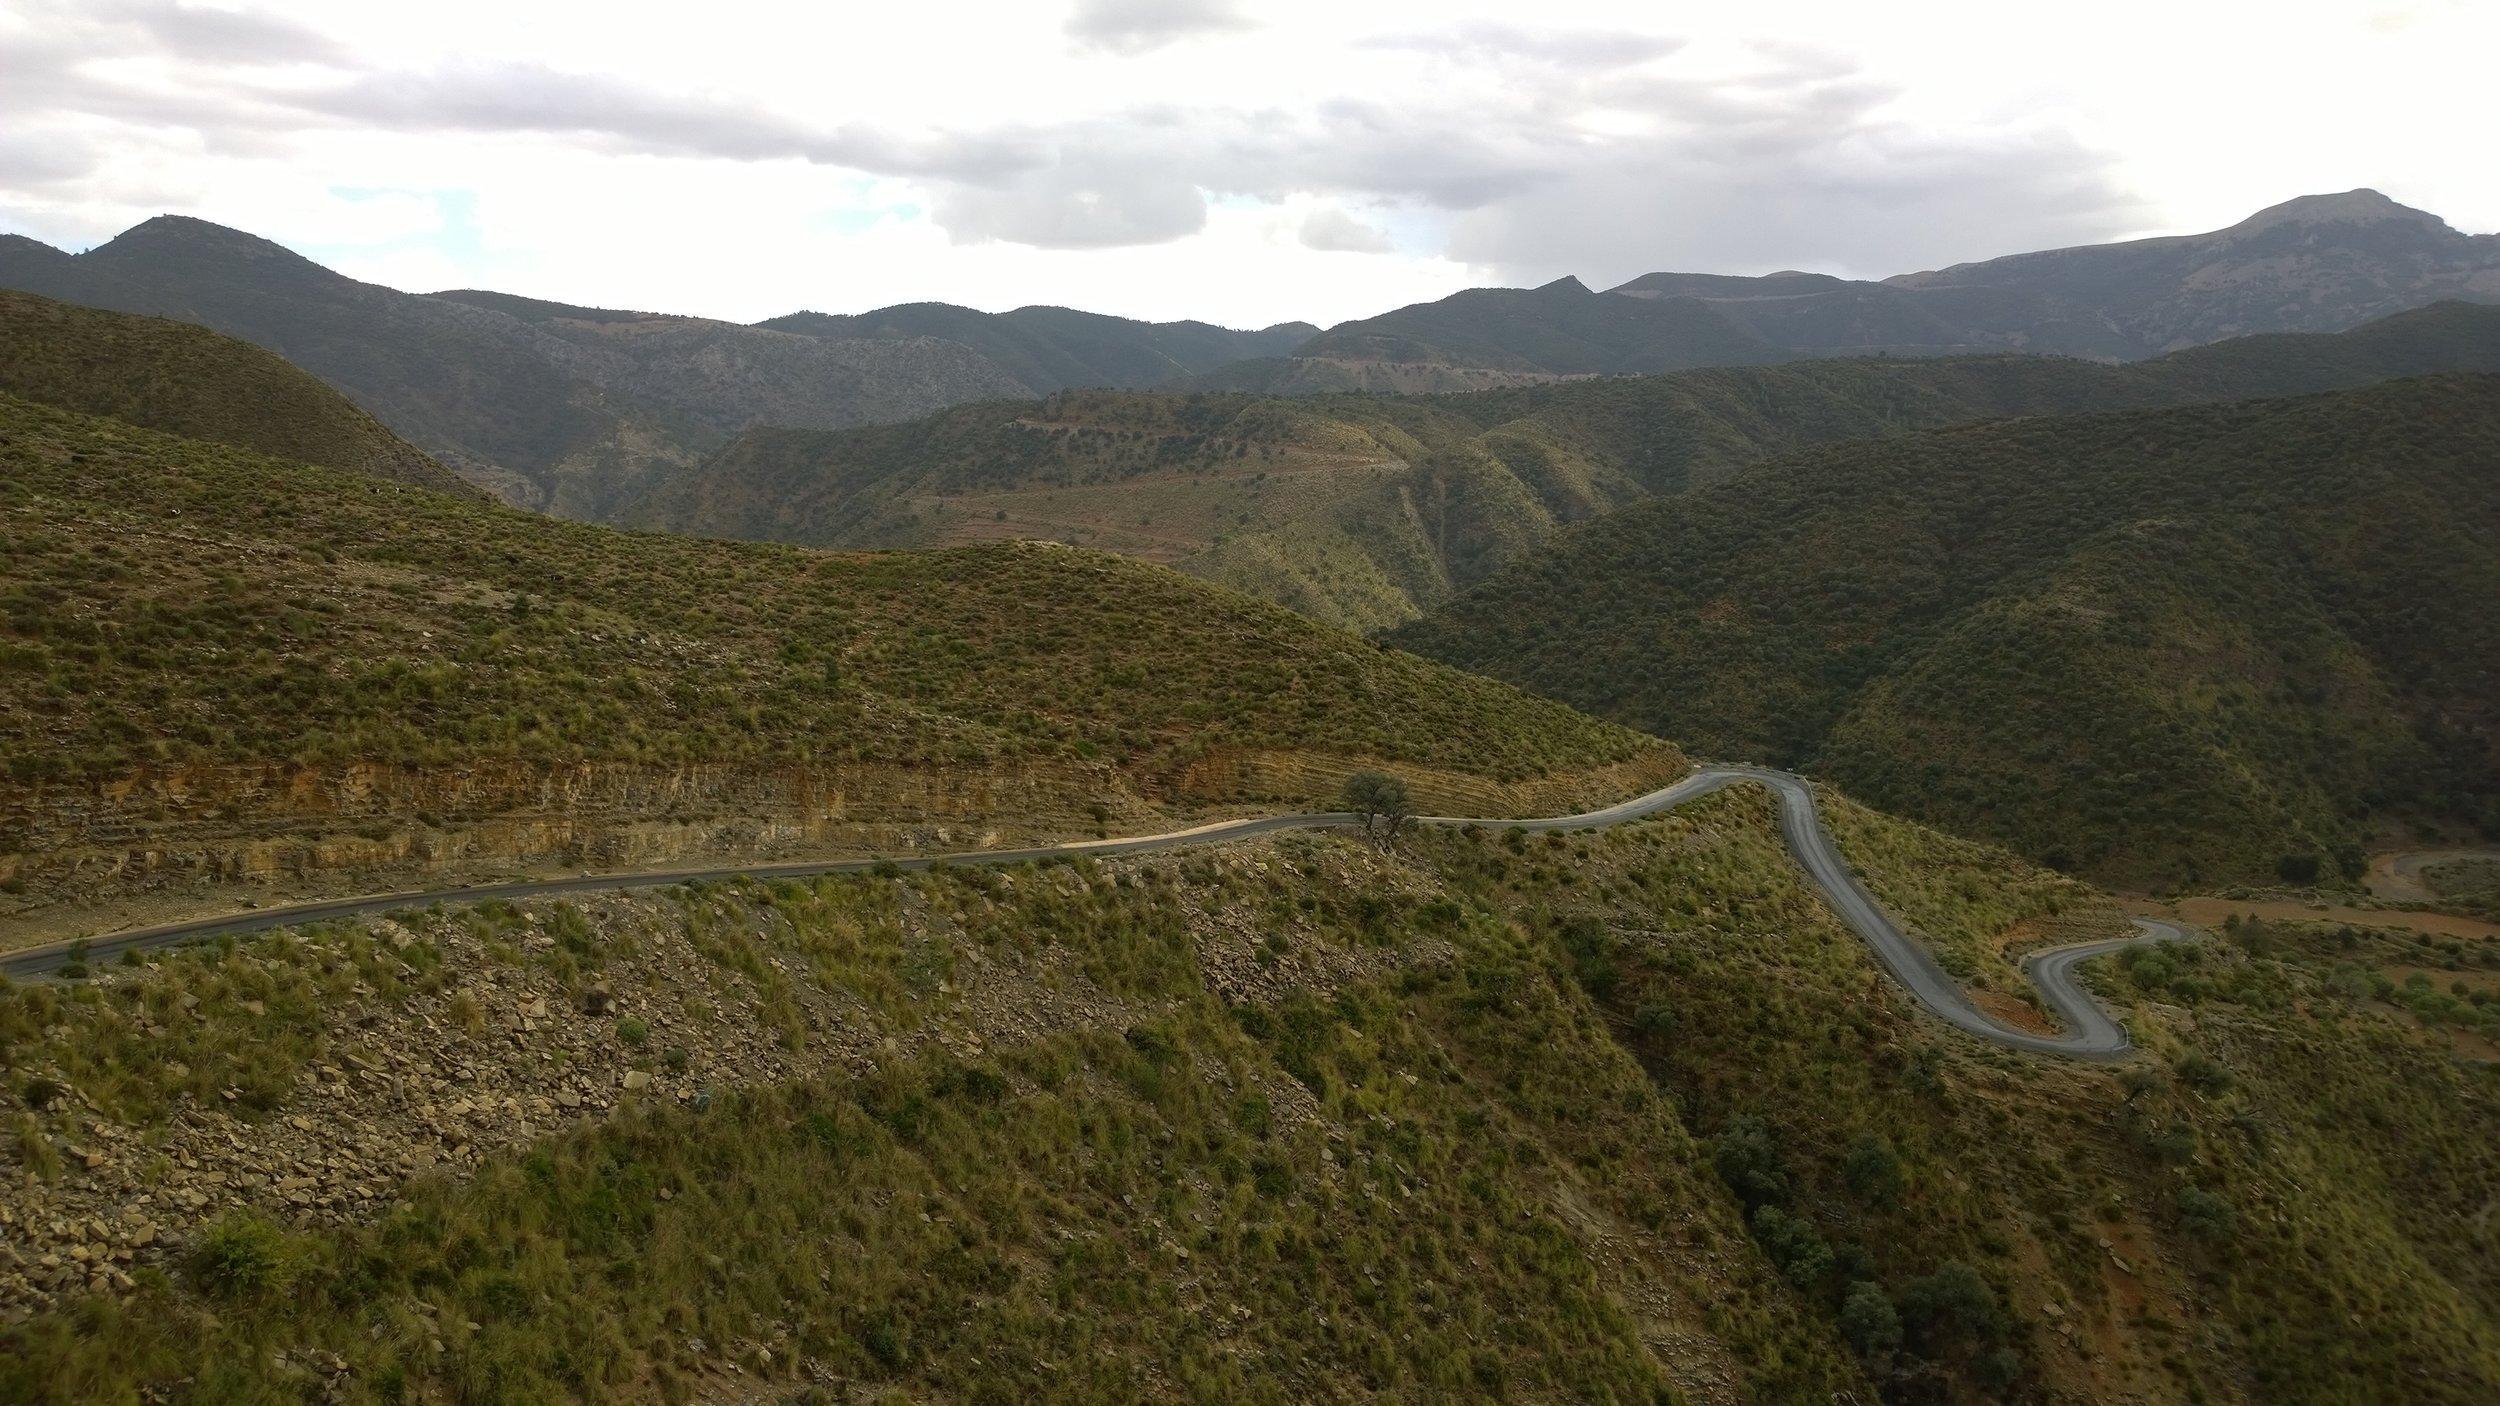 Taas yksi esimerkki Marokon ajoreitteista ;)